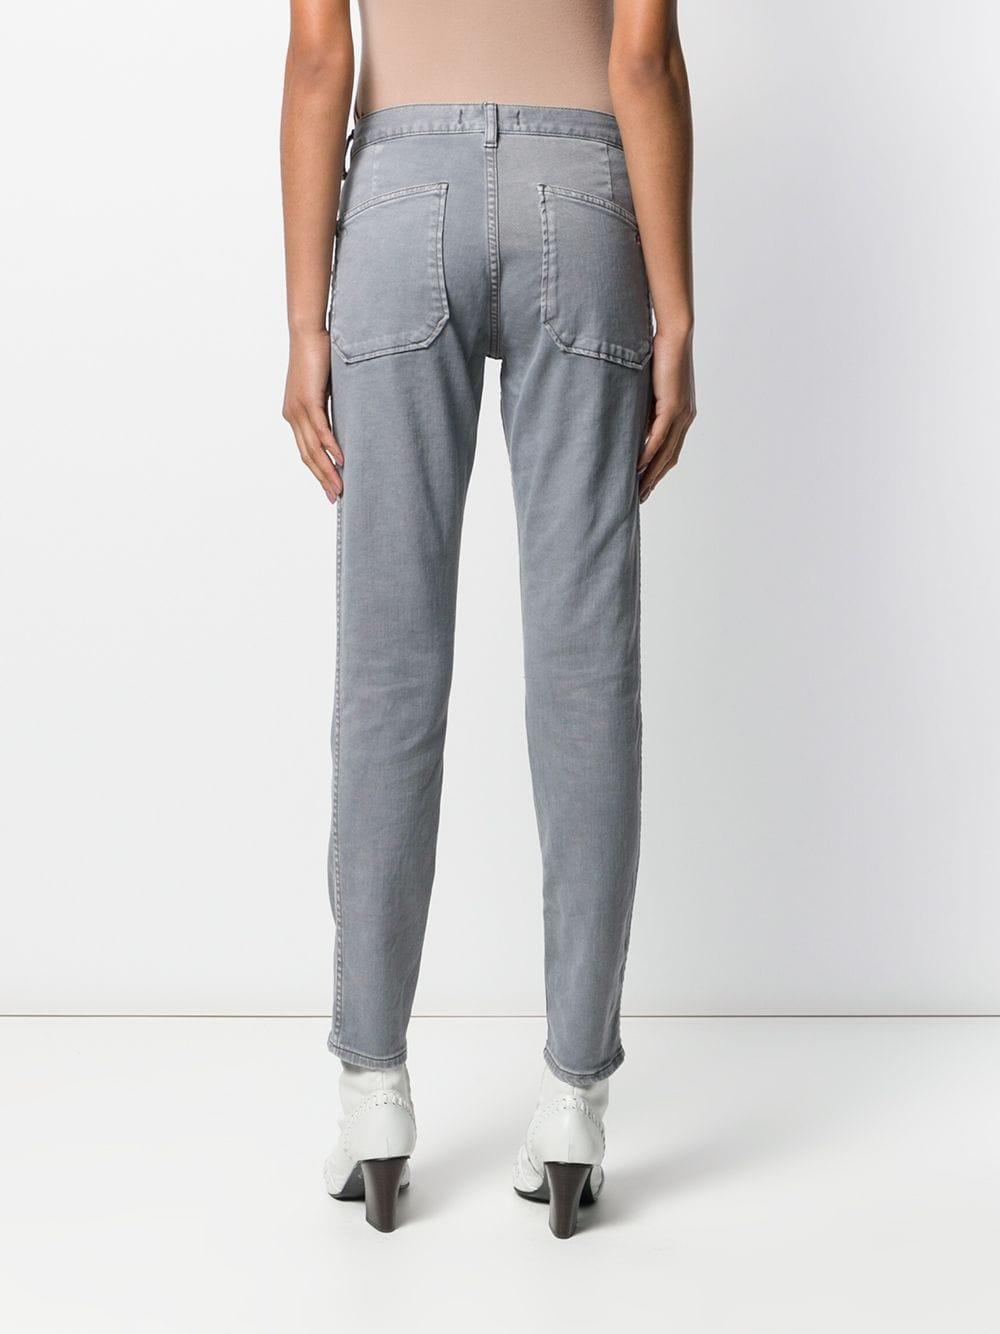 Ba&sh Denim 'Volt' Jeans mit schmalem Bein in Grau 0UAhD